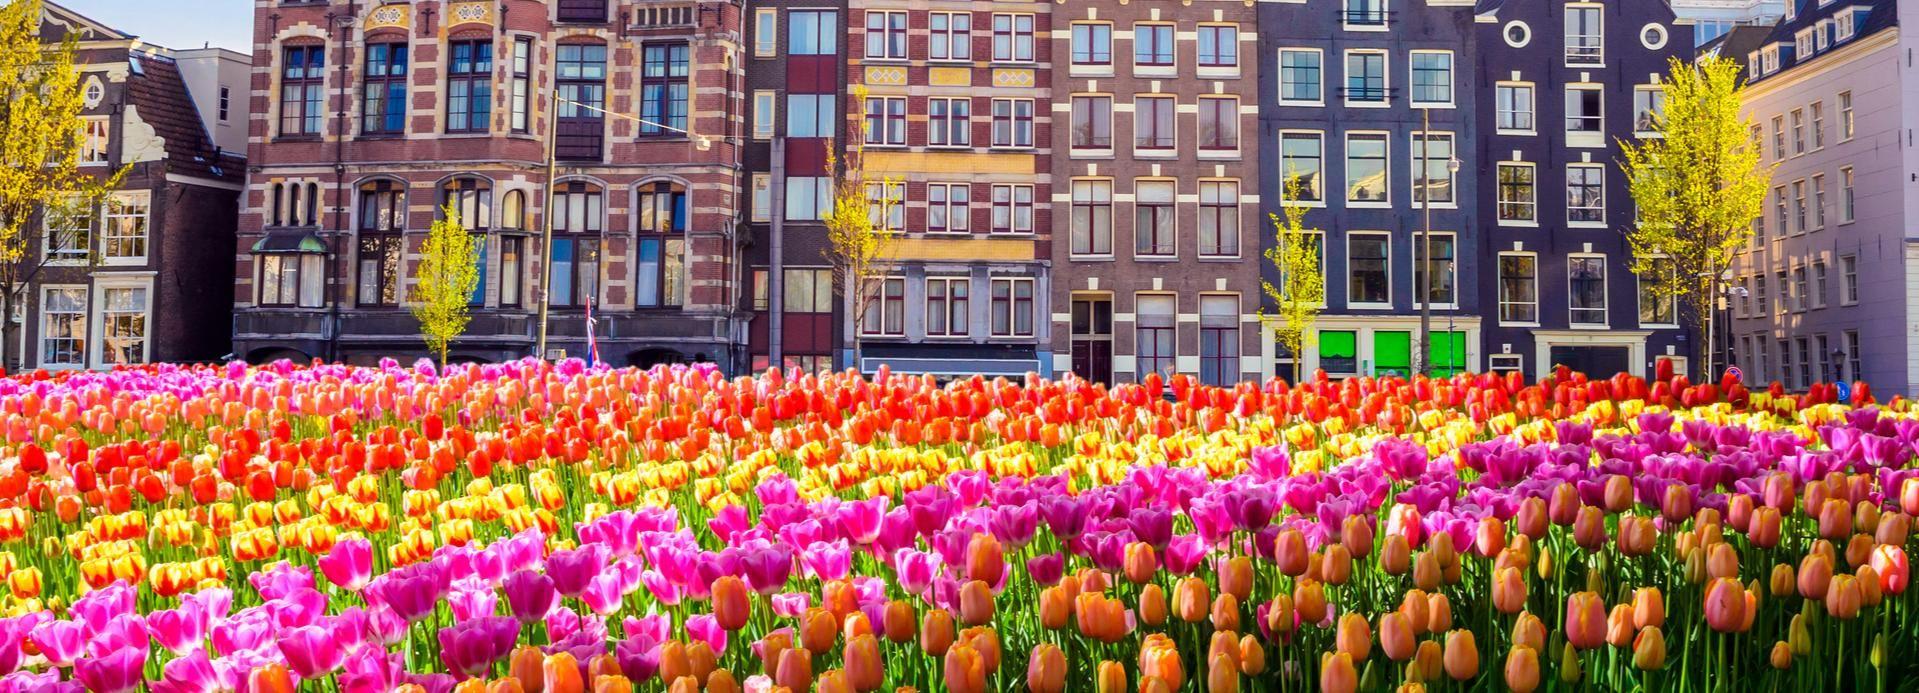 Amsterdã: excursão a pé guiada de 2 horas